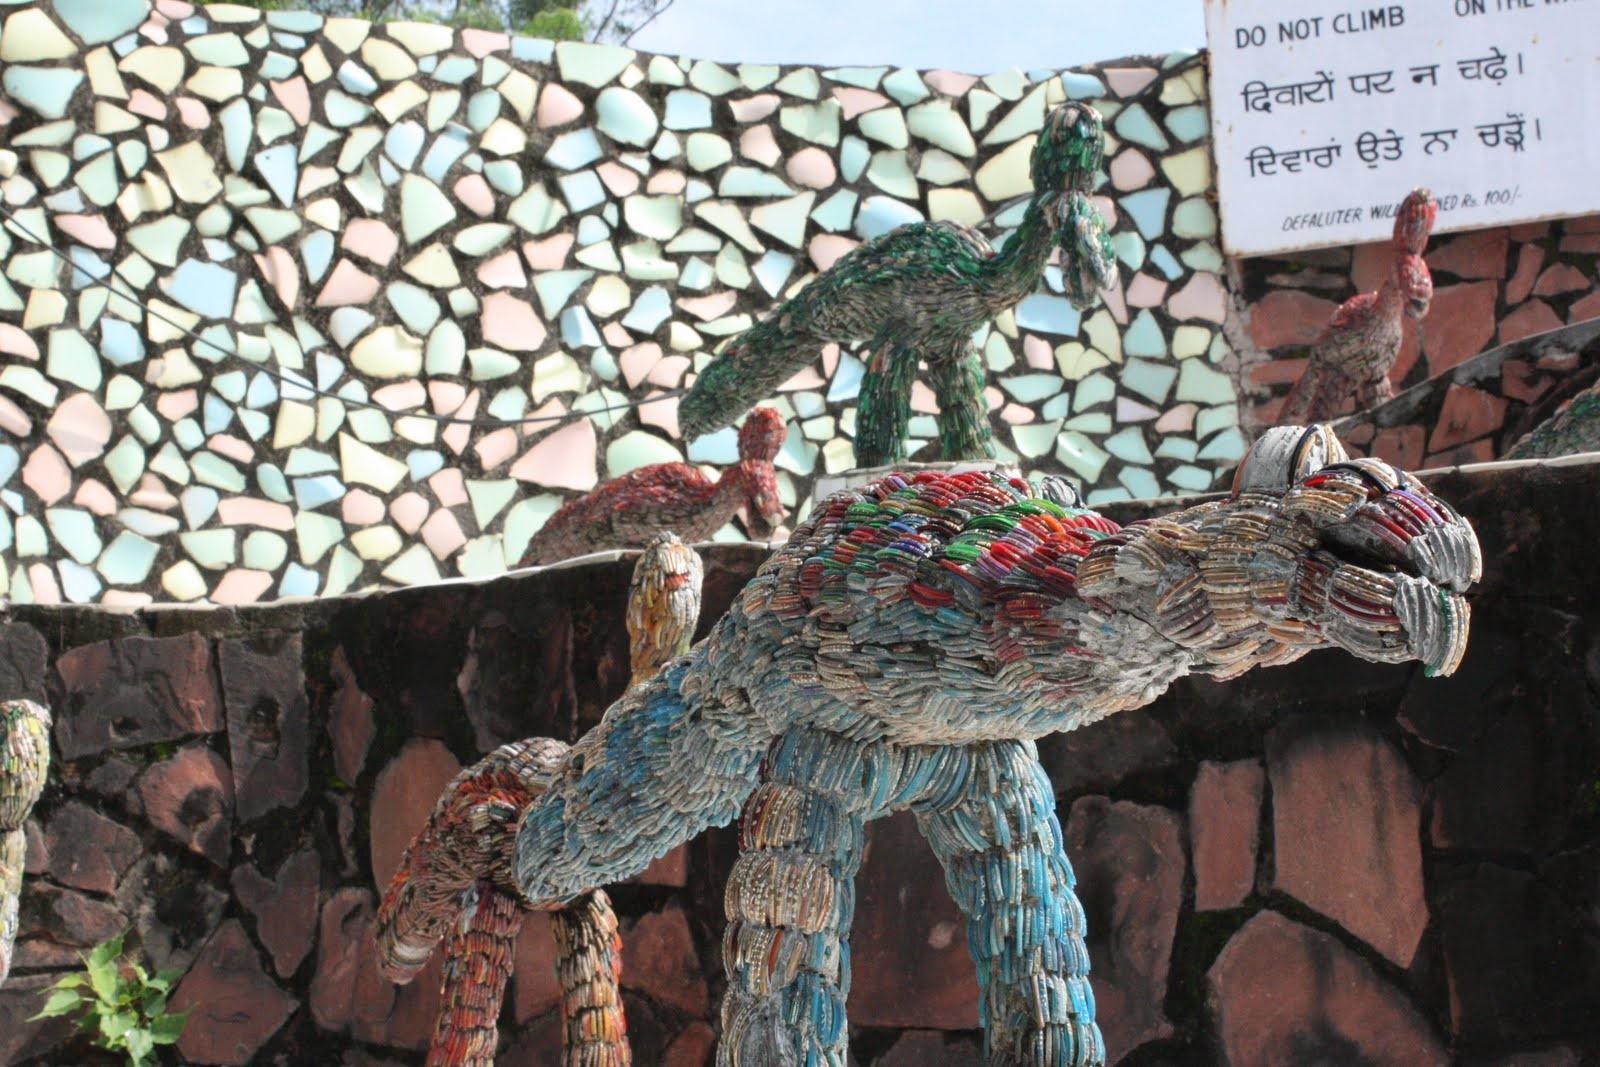 نتيجة بحث الصور عن حديقة الصخرة من شانديغار، الهند